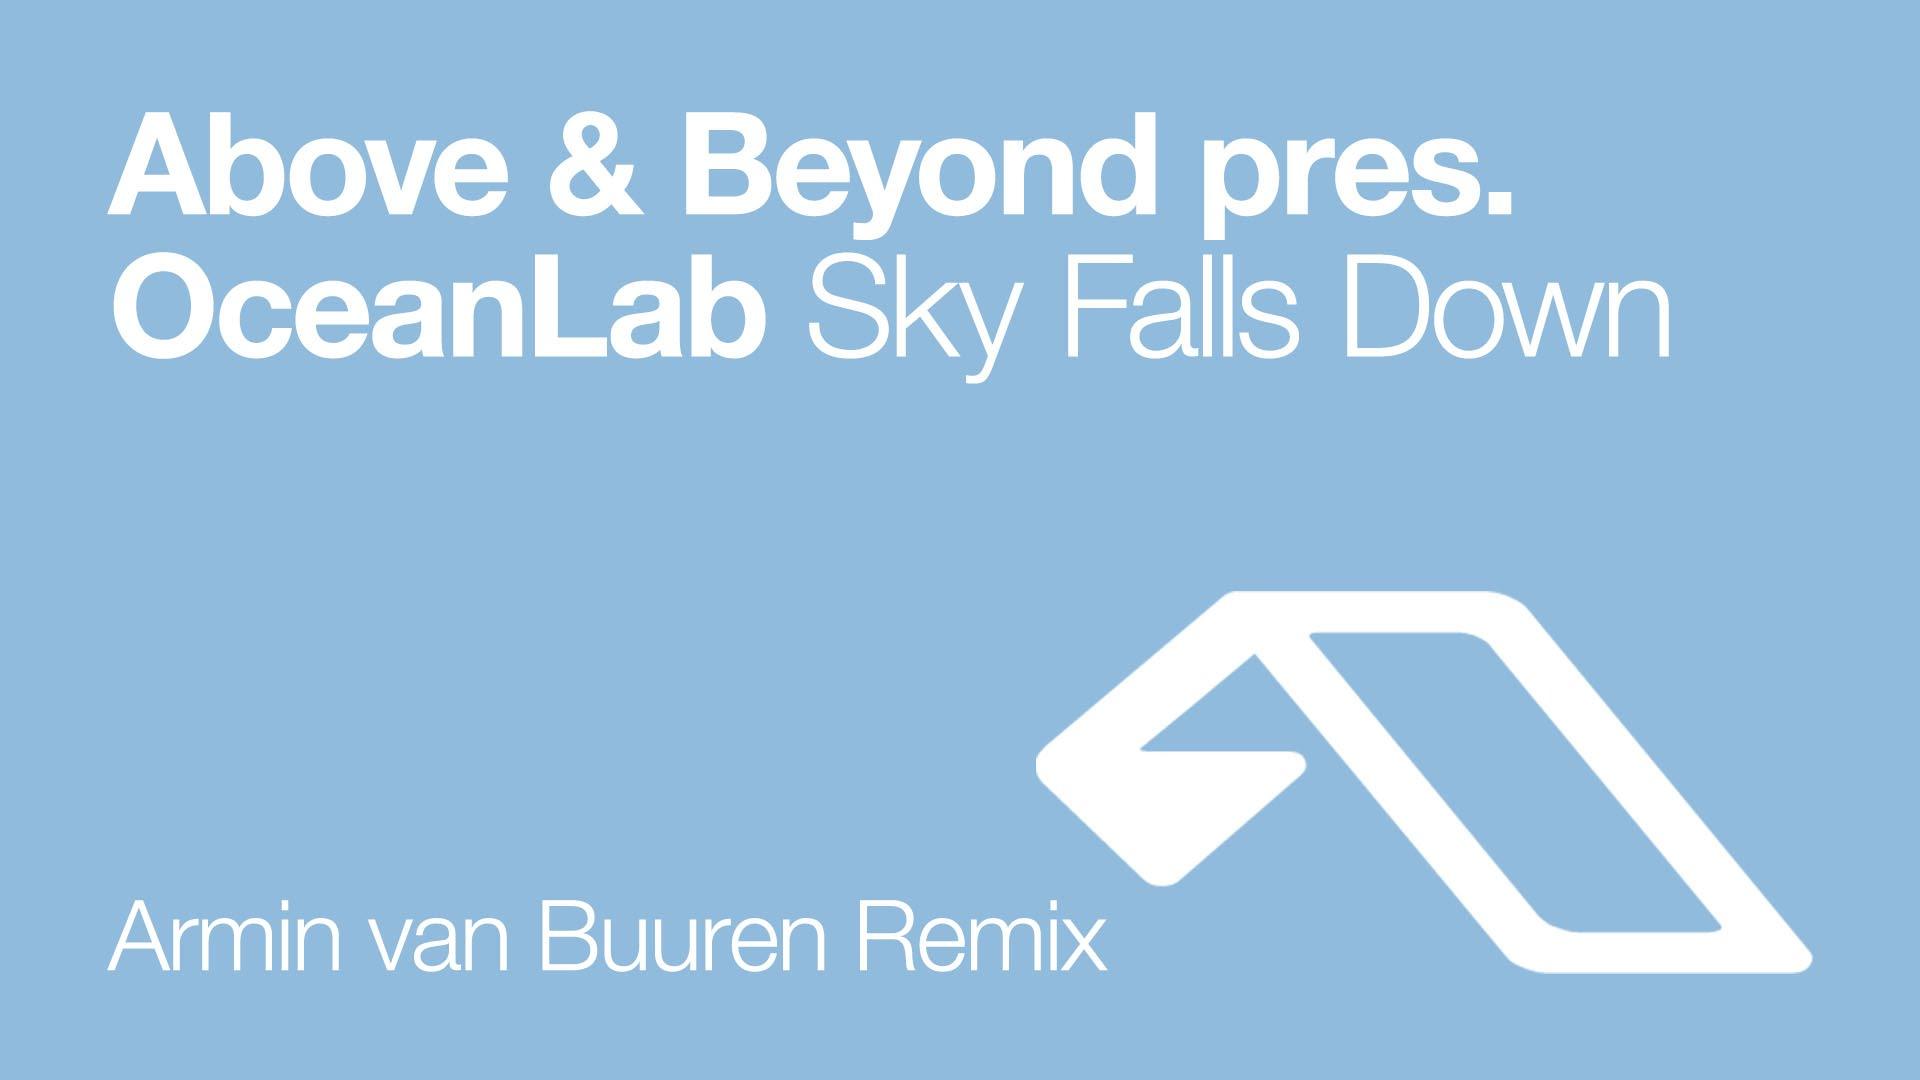 Above & Beyond pres. OceanLab - Sky Falls Down (Armin van Buuren Remix)